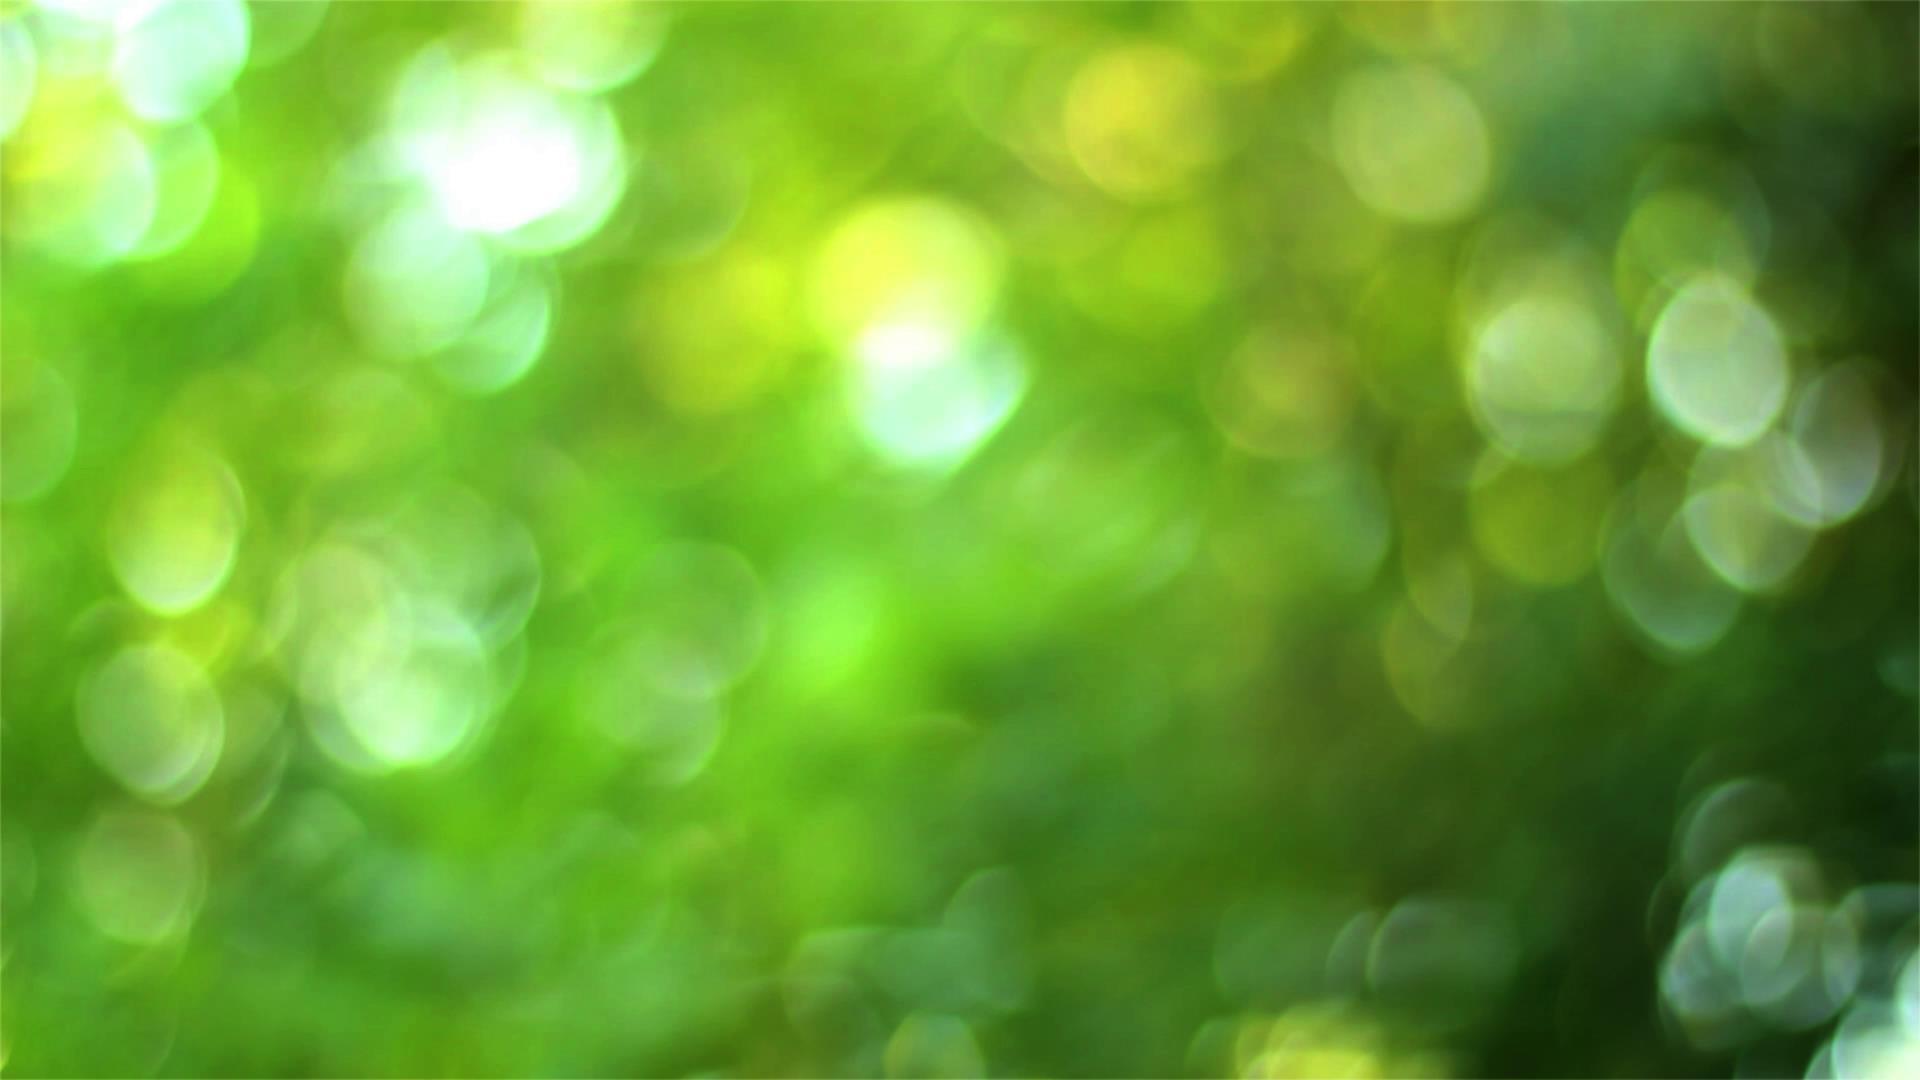 昏黄失焦亮堂的春天绿叶挪动镜头高清实拍